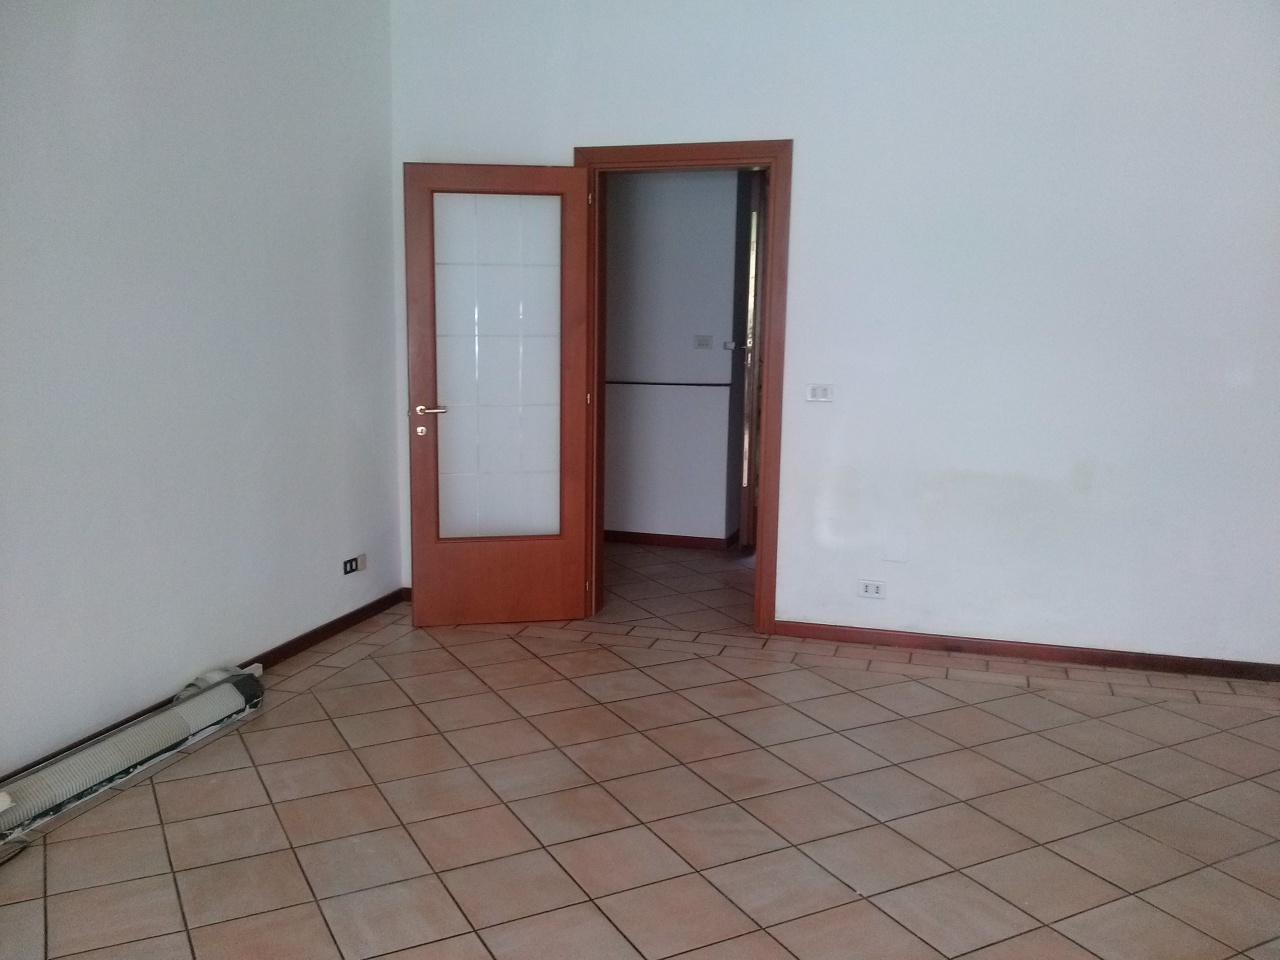 Attività / Licenza in affitto a Ascoli Piceno, 9999 locali, prezzo € 450 | Cambio Casa.it